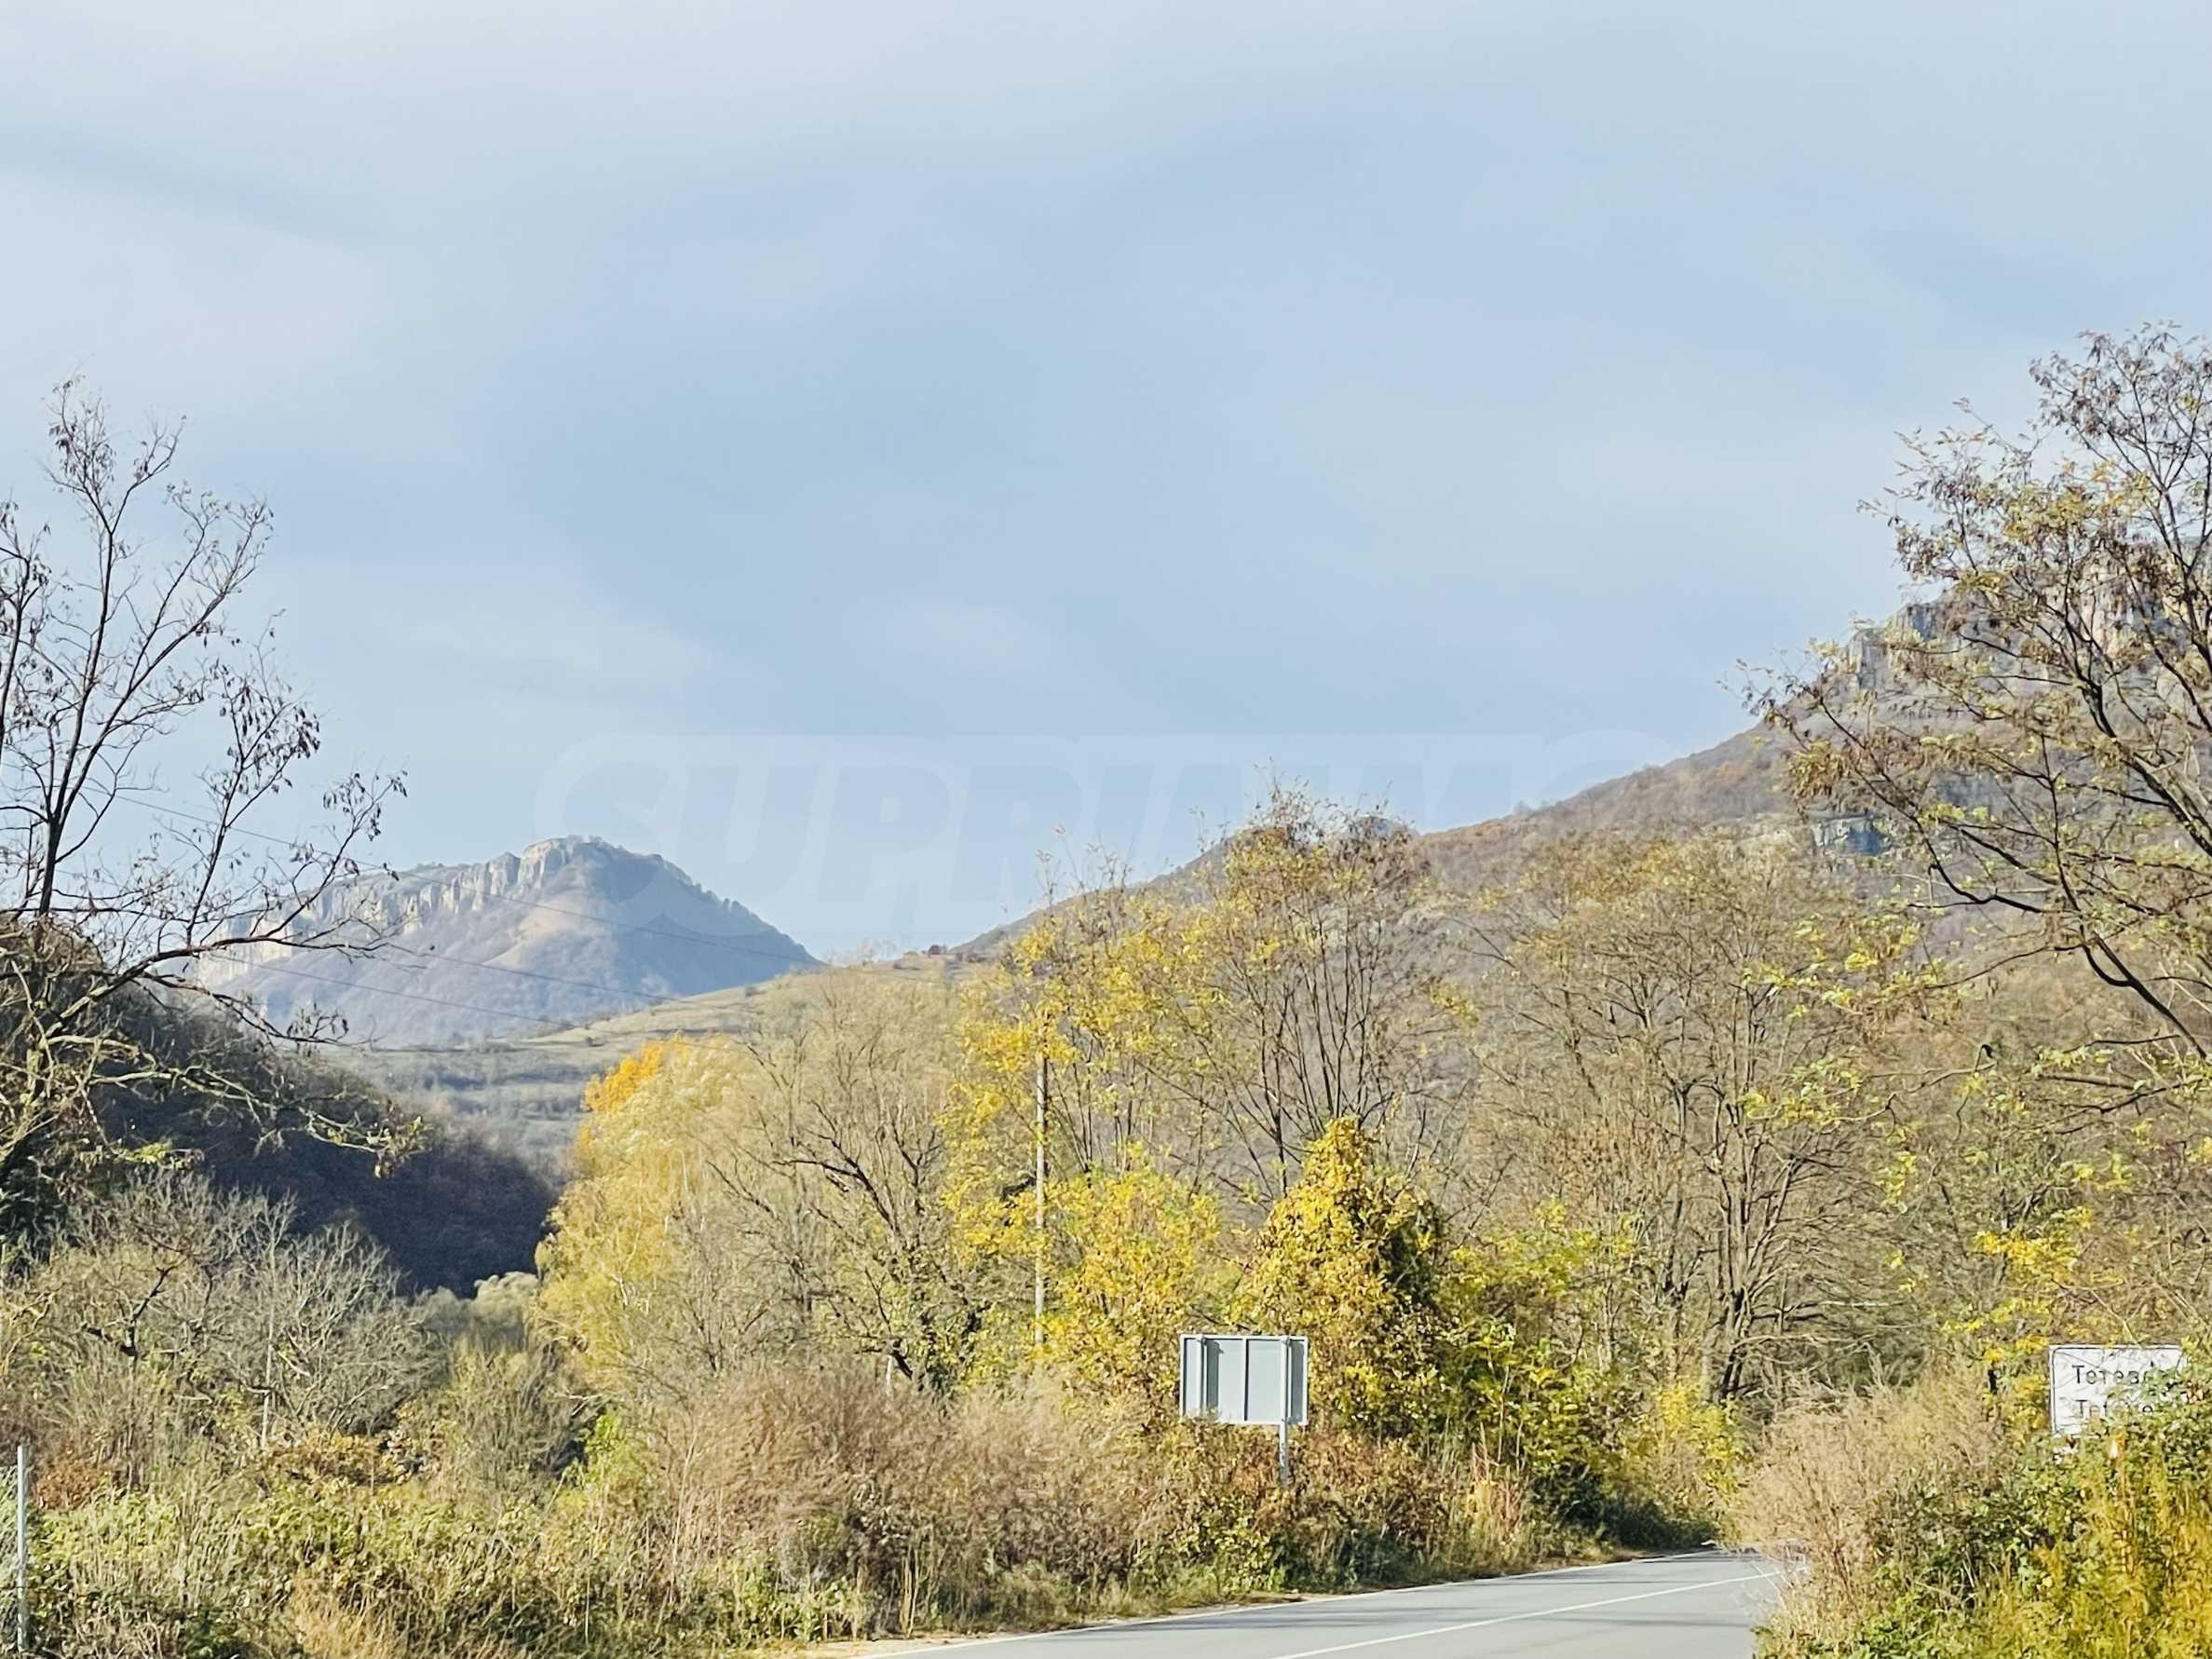 Geregeltes Grundstück mit Baugenehmigung im Dorf Ribaritsa